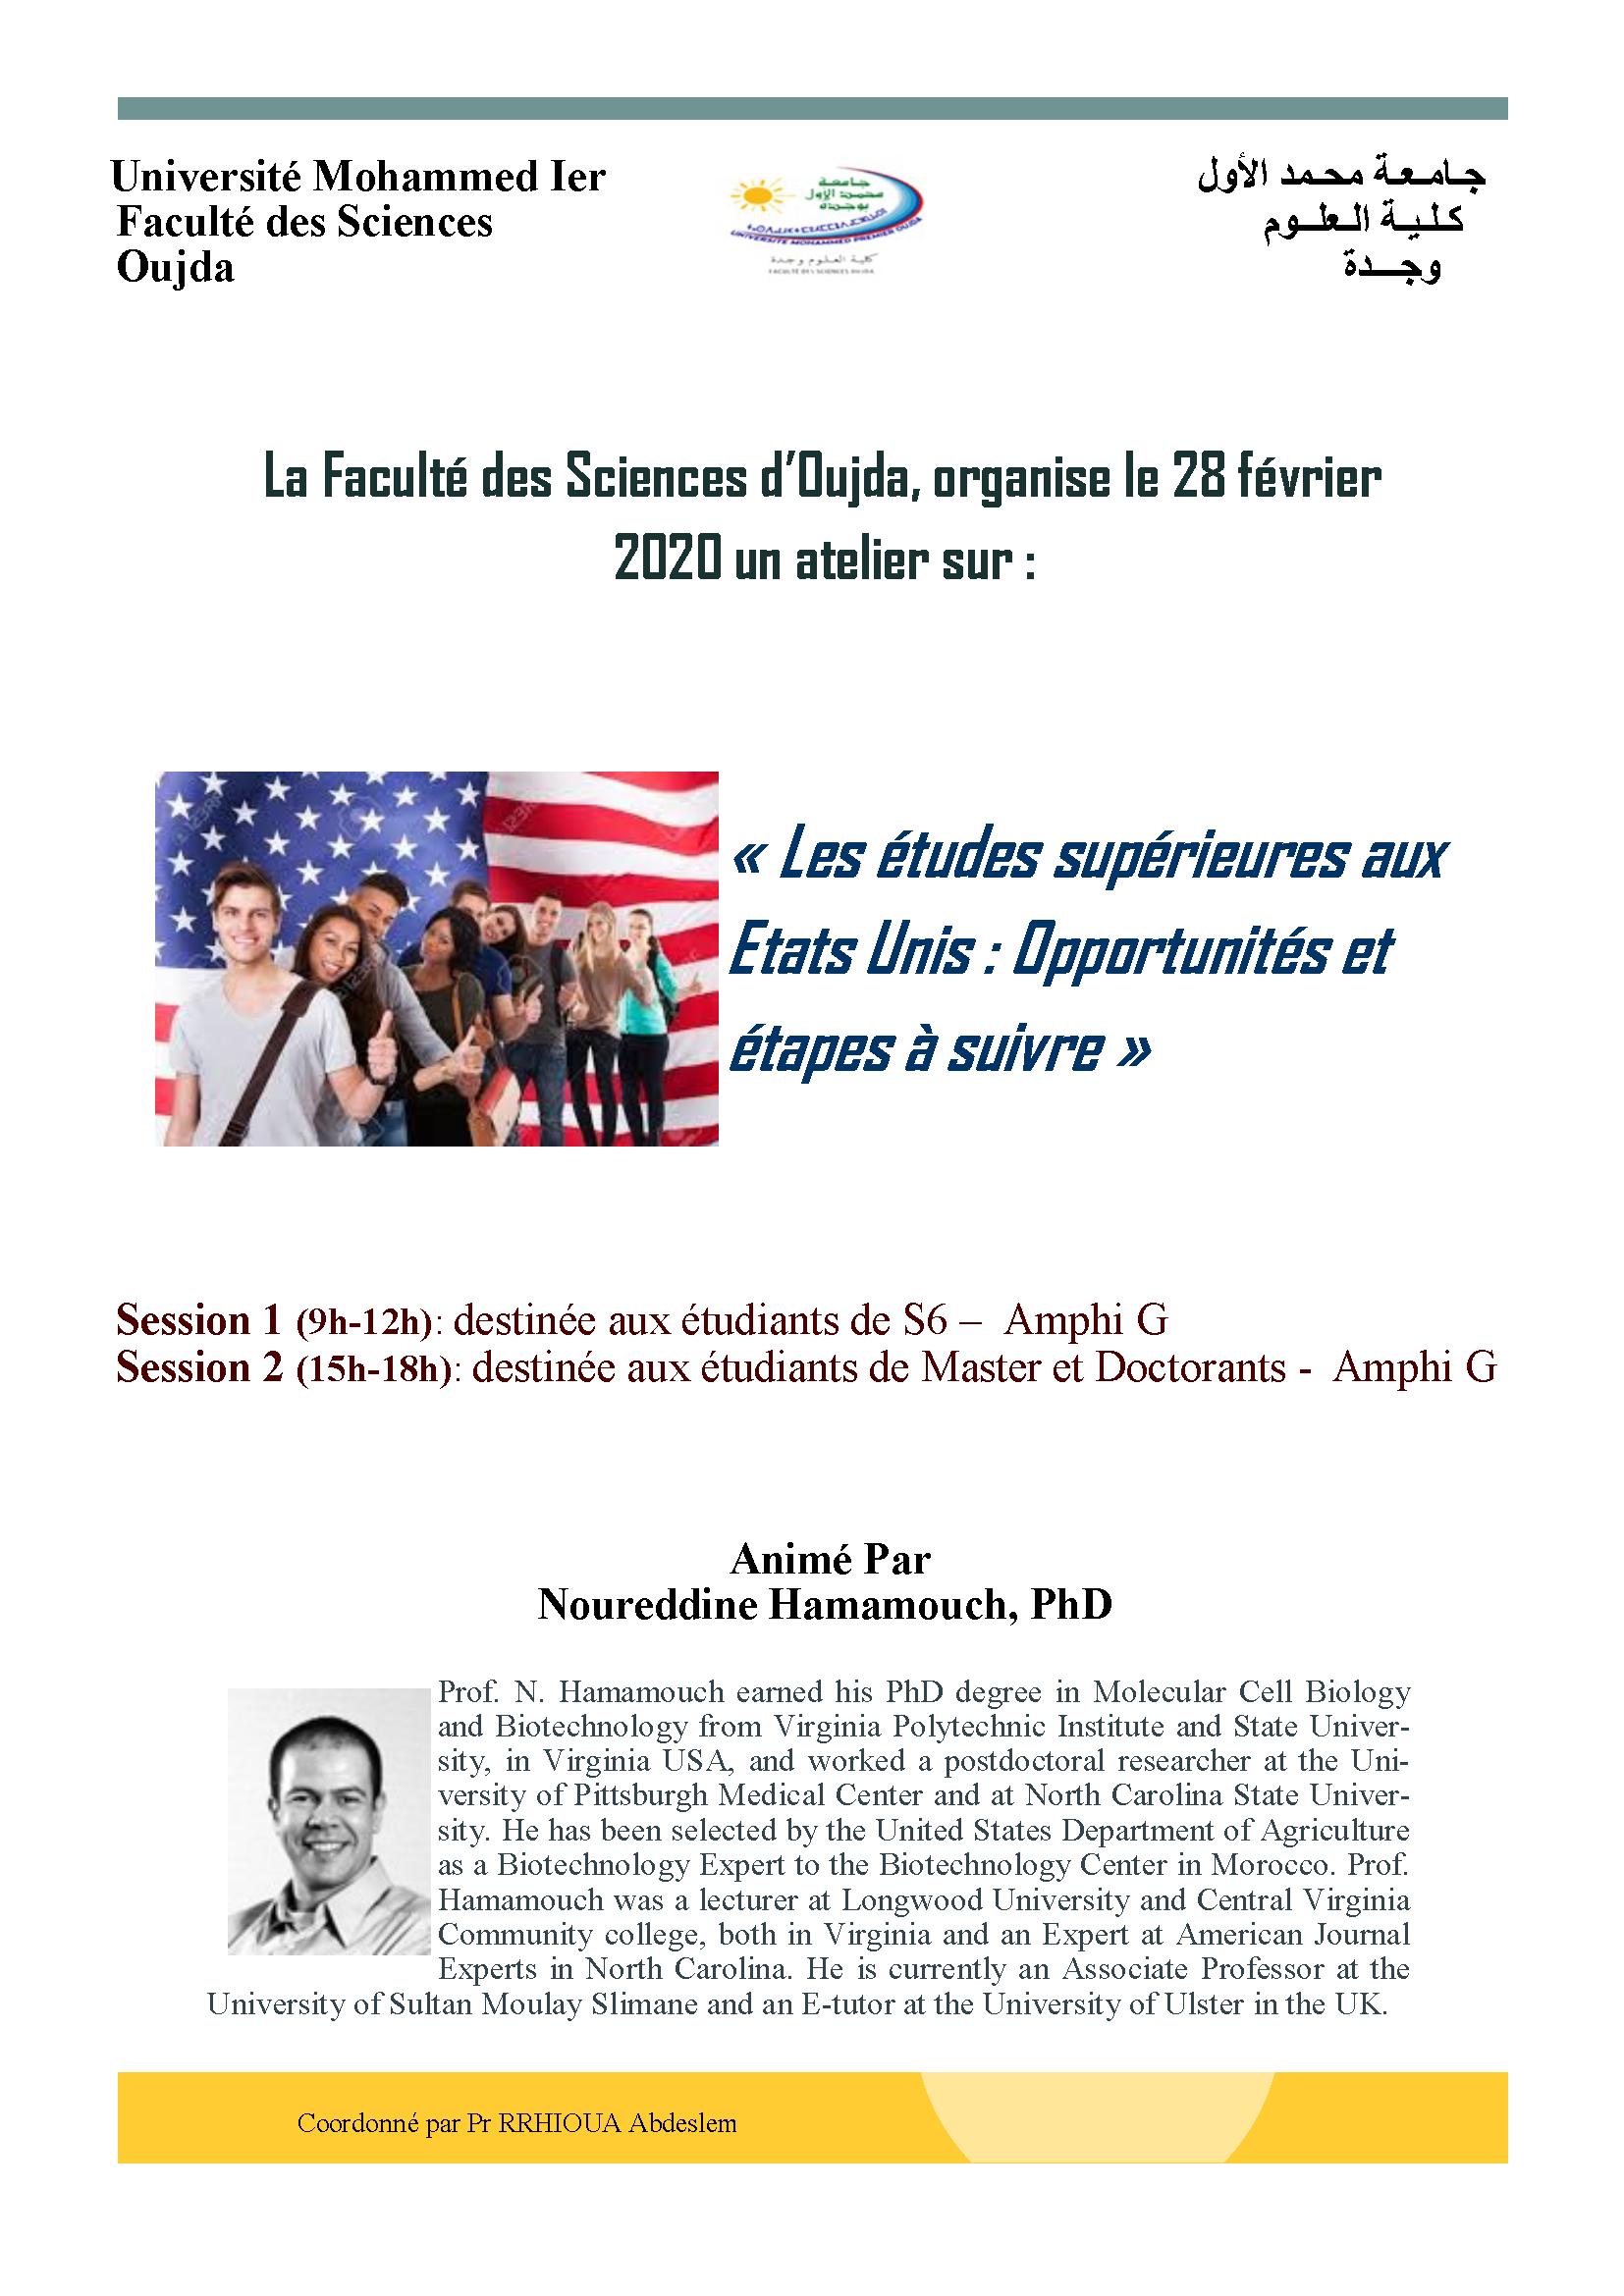 Atelier : Les études supérieures aux Etats Unis : Opportunités et étapes à suivre